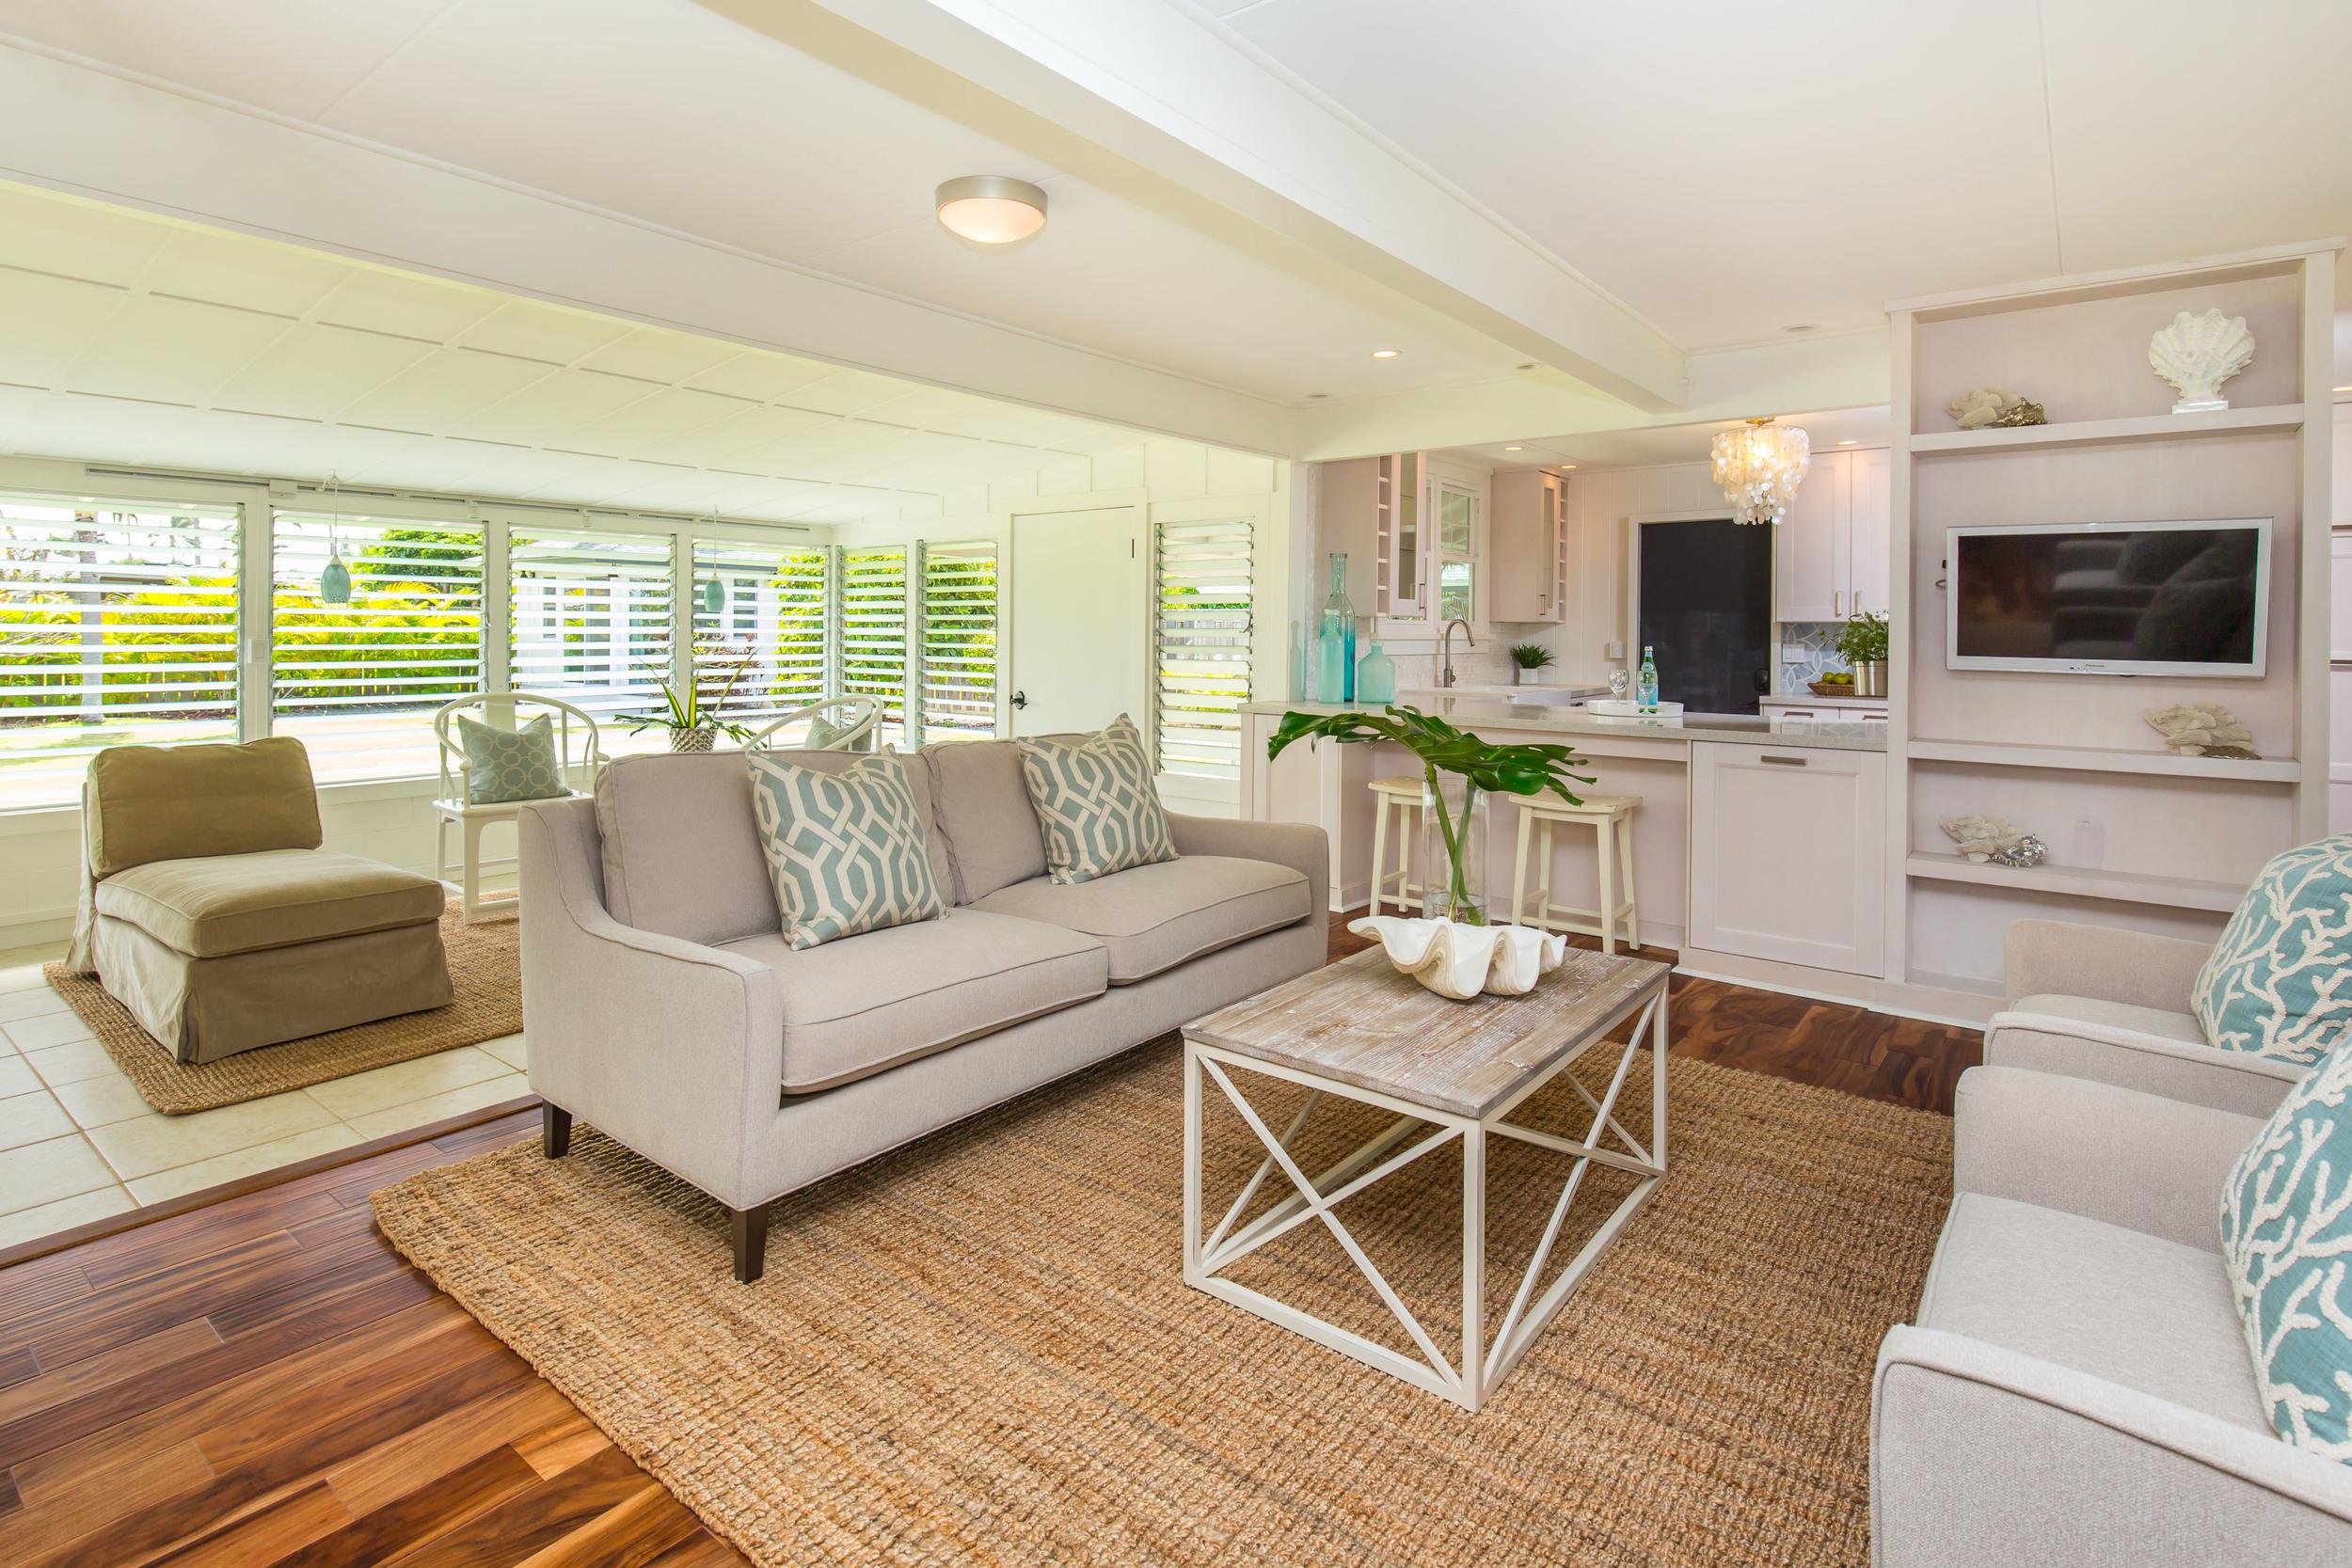 253 Kaha Street, Inouye Interiors LLC,Best Home Stagers Hawaii, Home Stagers in Hawaii, Stagers Hawaii, Home Stager Hawaii, Luxury Home Stager Hawaii